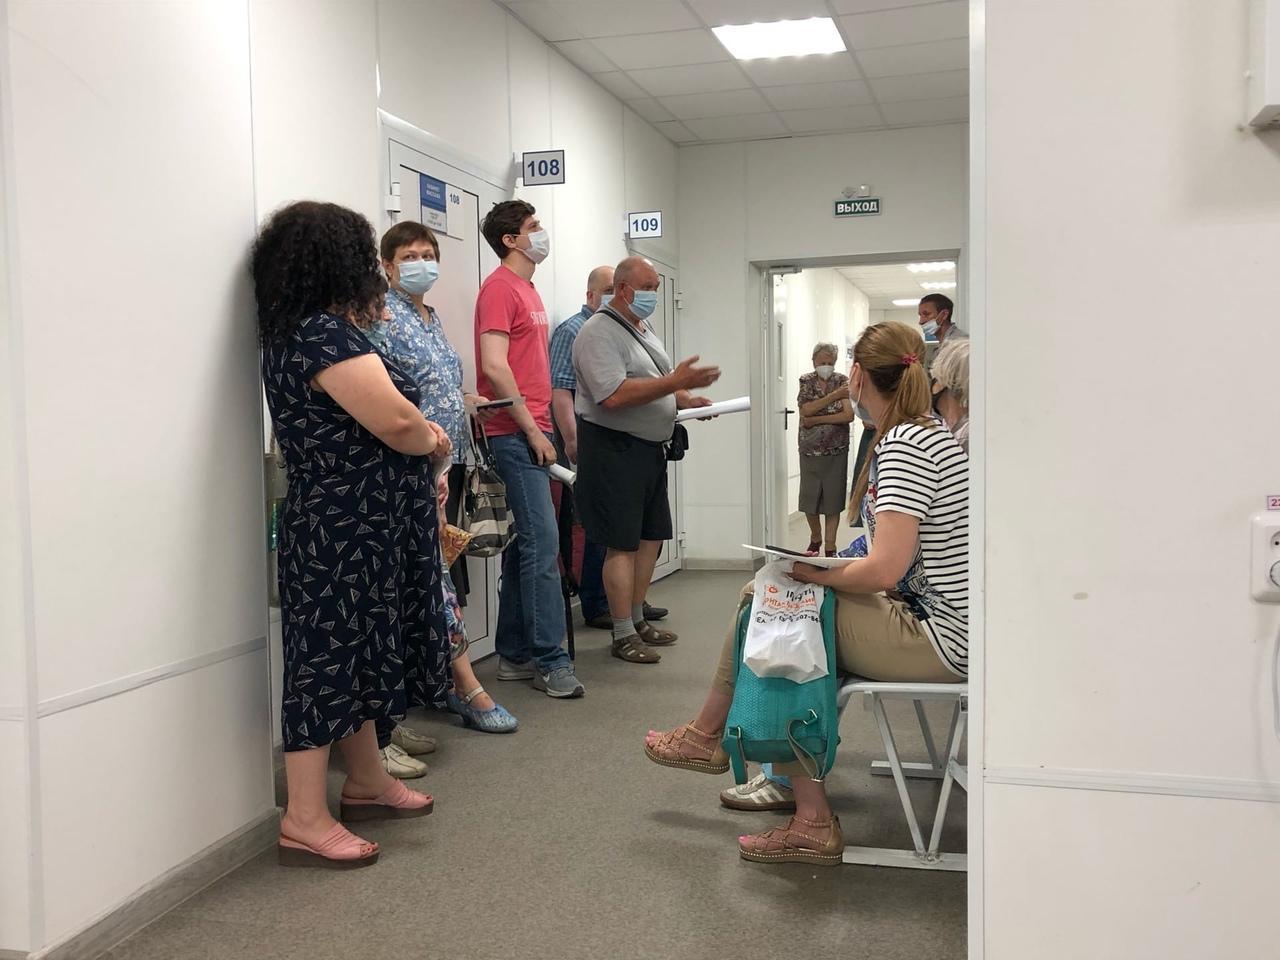 фото «Ужасная ситуация, никакие талончики не работают!»: что происходит в очередях на вакцинацию от COVID-19 в Новосибирске 5